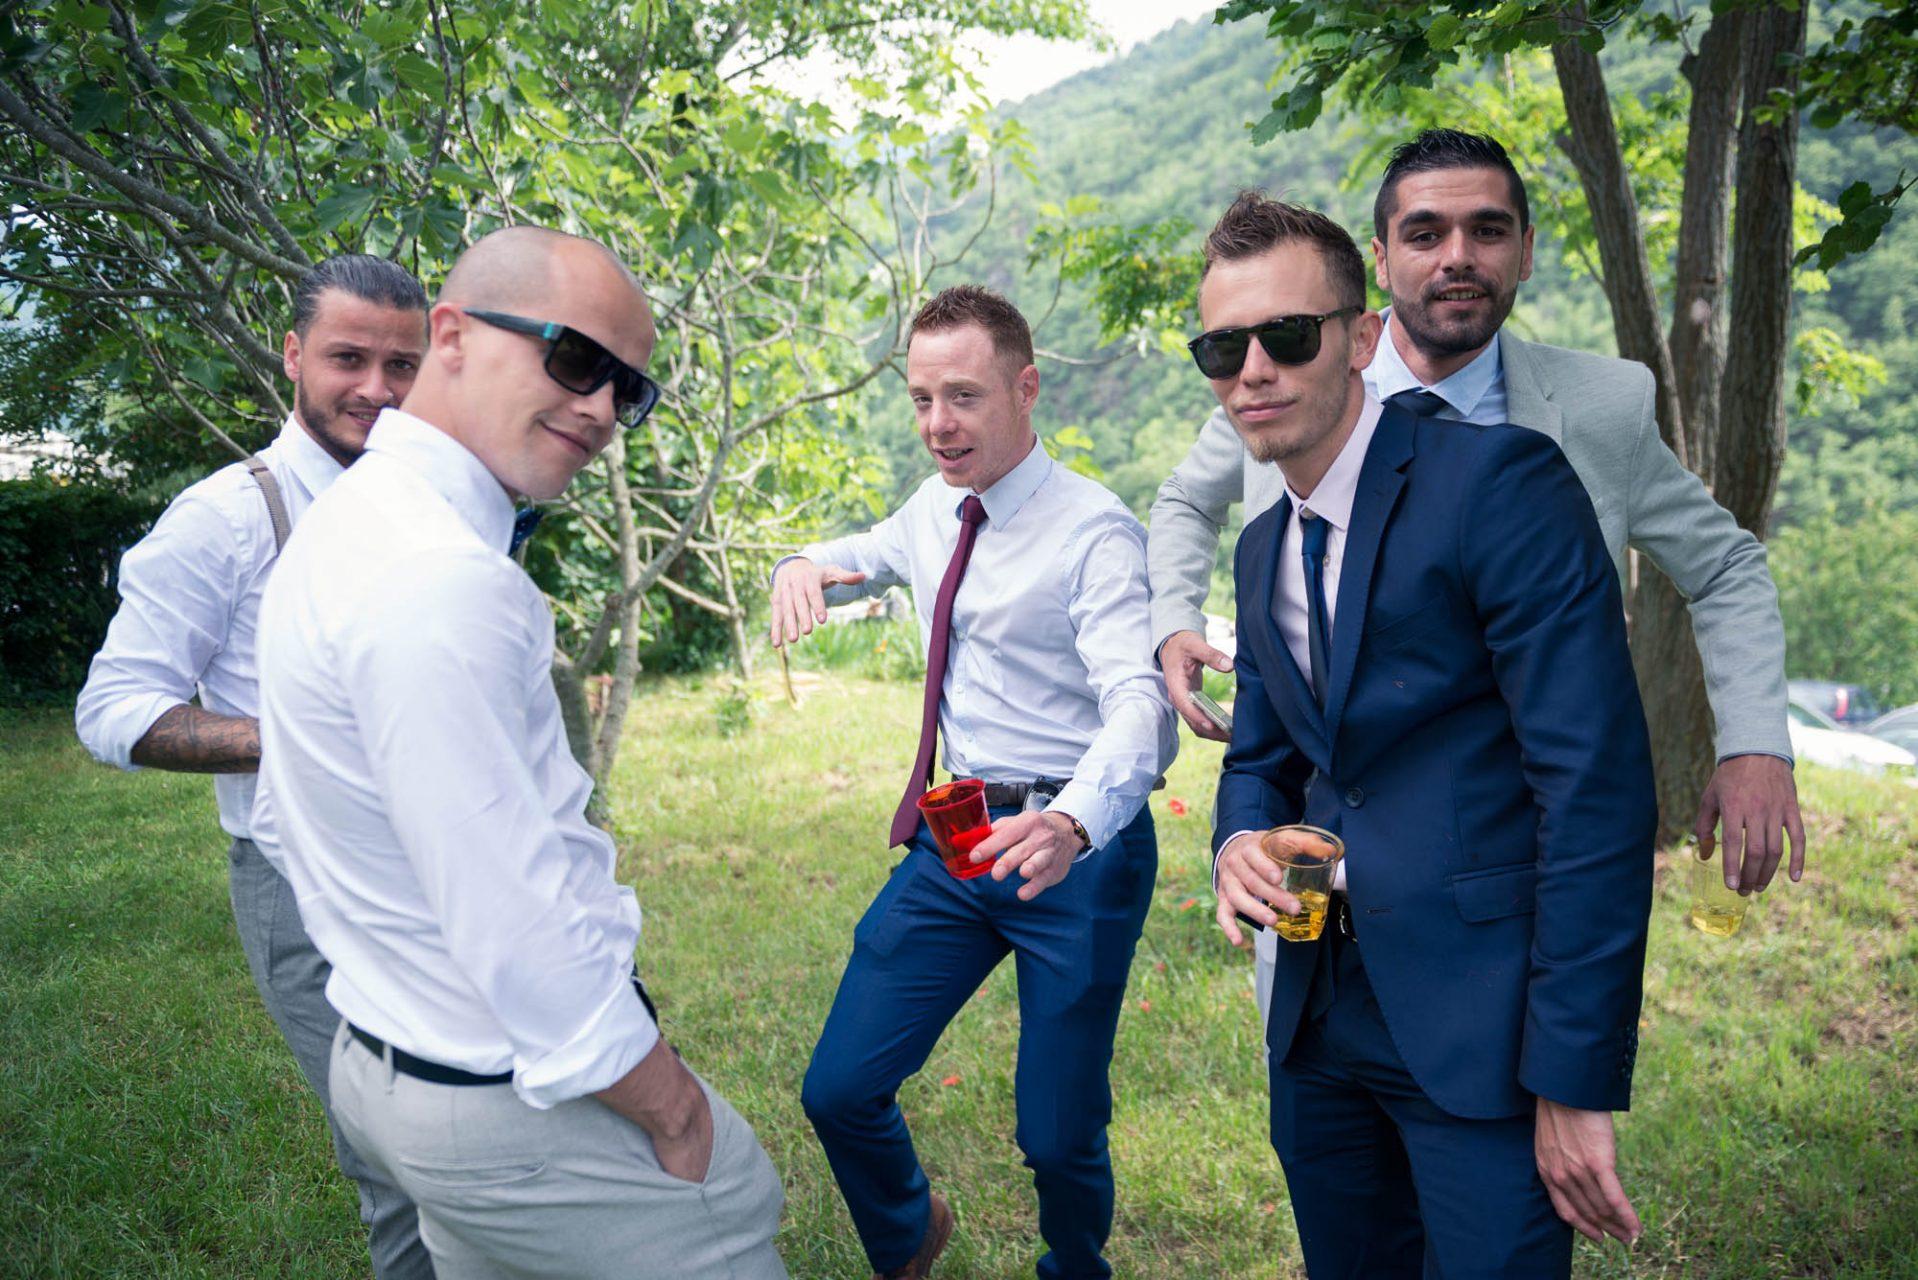 photographe mariage villefranche de conflent8